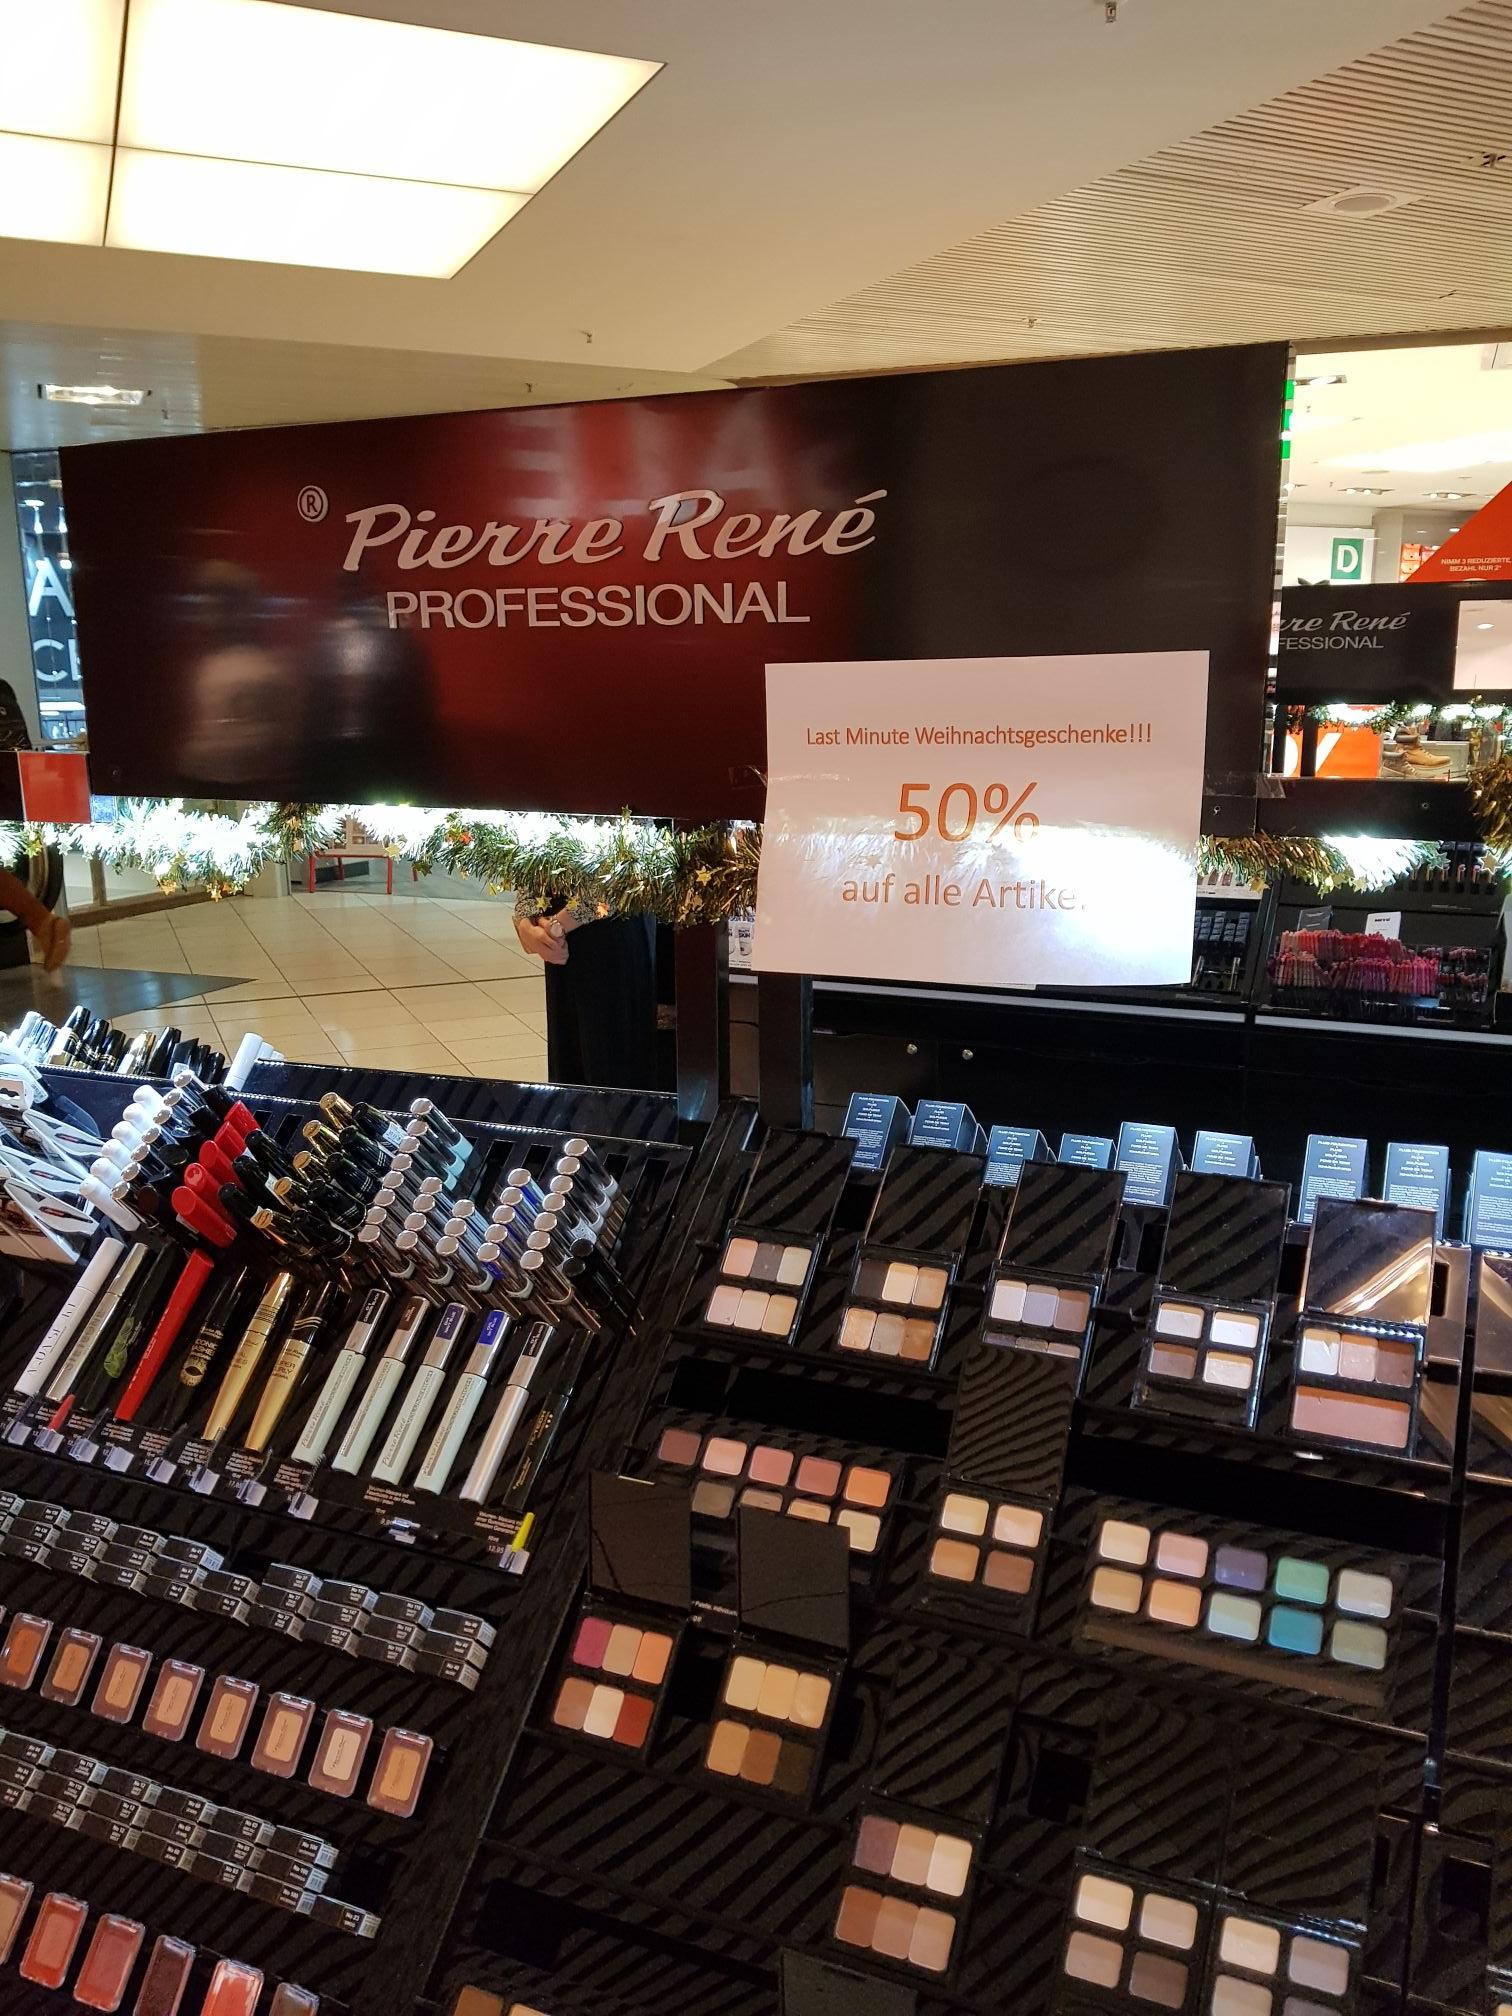 Pierre Rene Professional Kosmetik 50% auf alles  [Lokal Nürnberg Frankencenter]